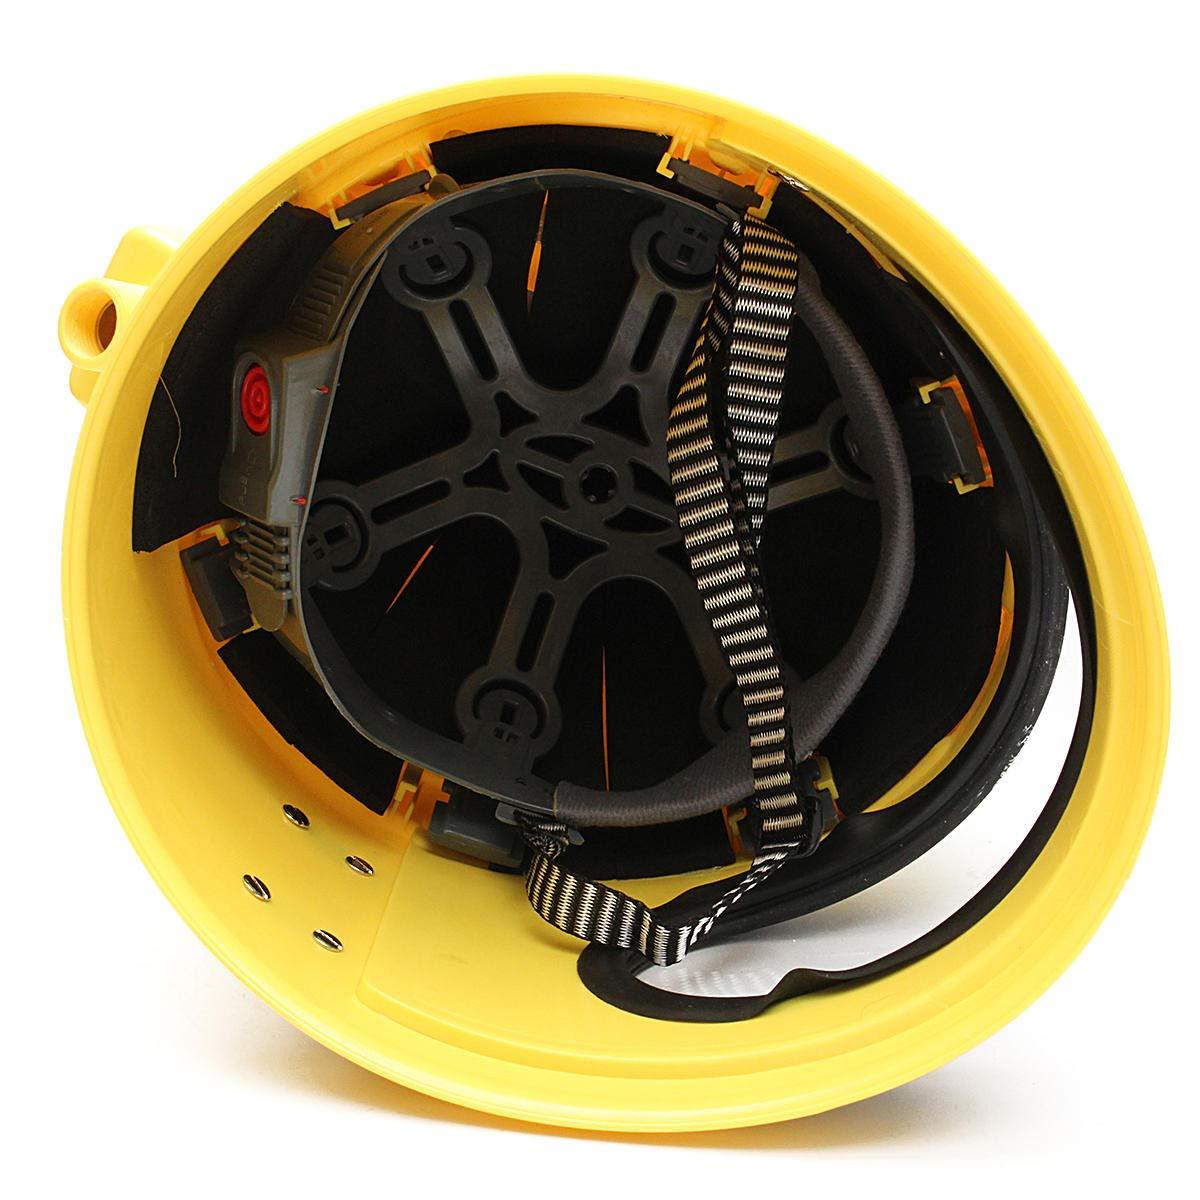 AIR FED Safety Sandblast Helmet Sand Blast Hood Protector for Sandblasting by Anddoa (Image #6)